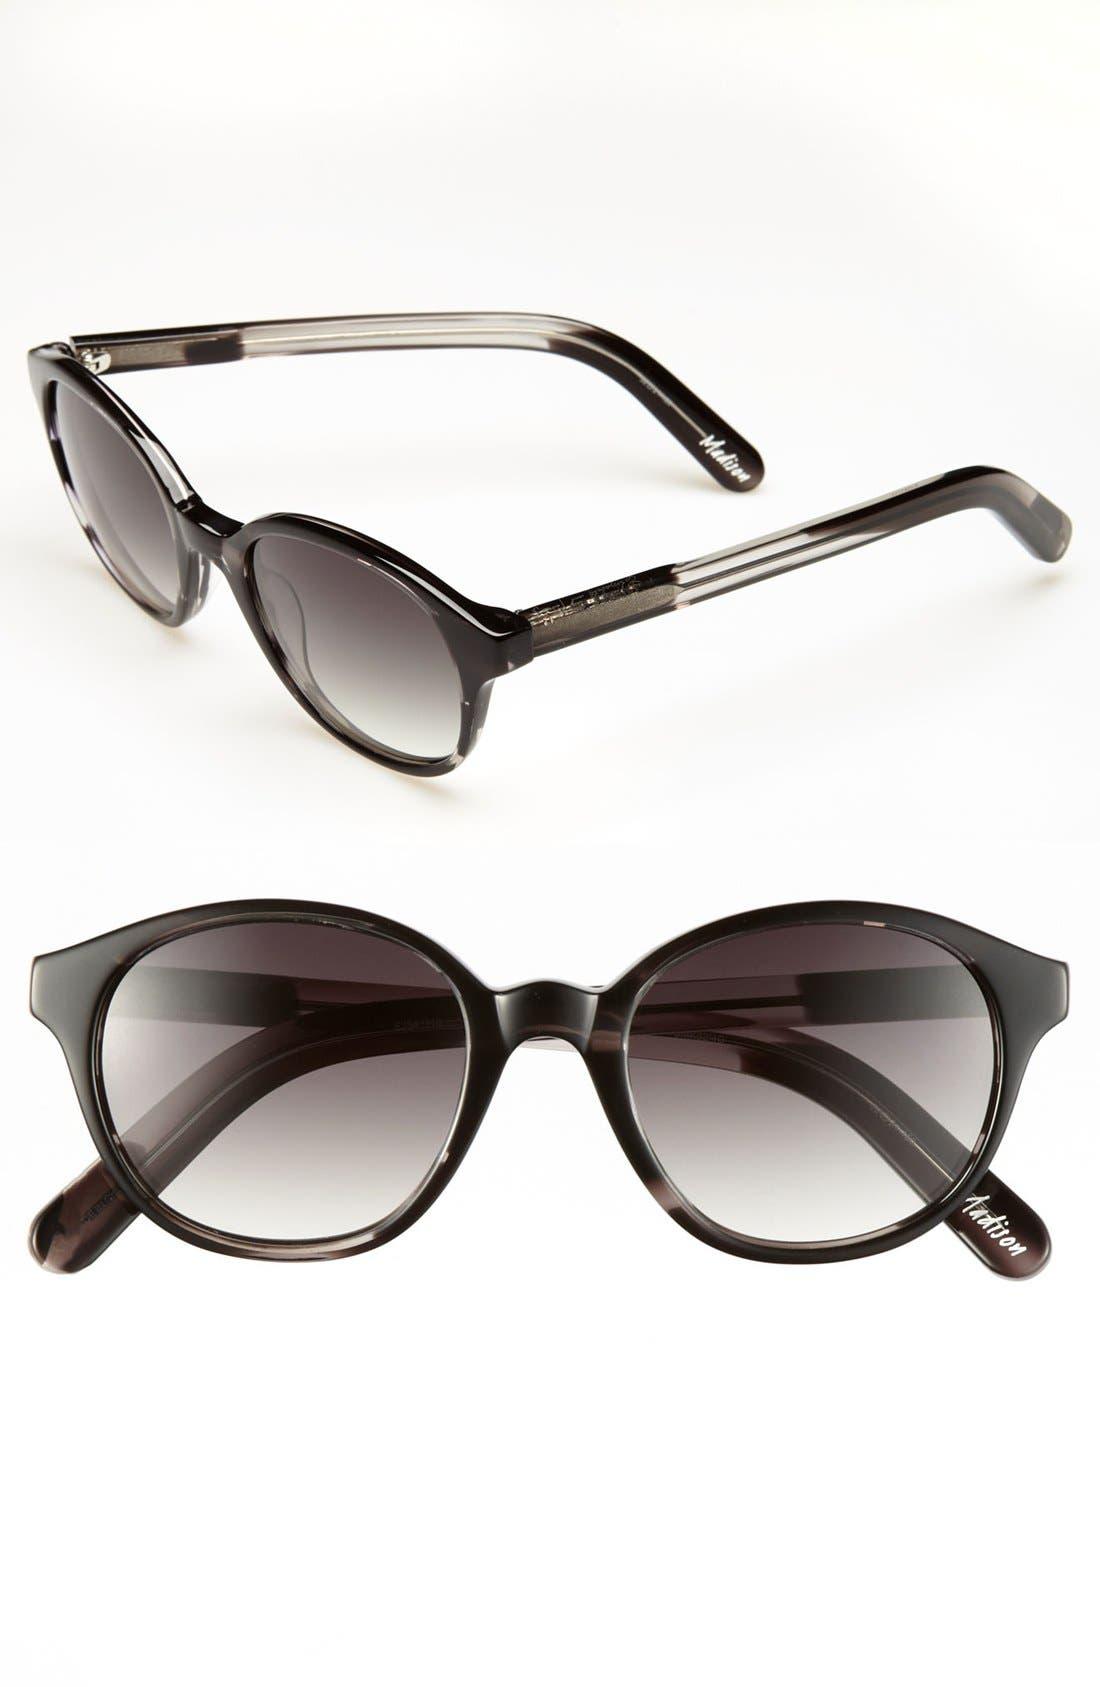 Alternate Image 1 Selected - Elizabeth and James 'Madison' 52mm Keyhole Sunglasses